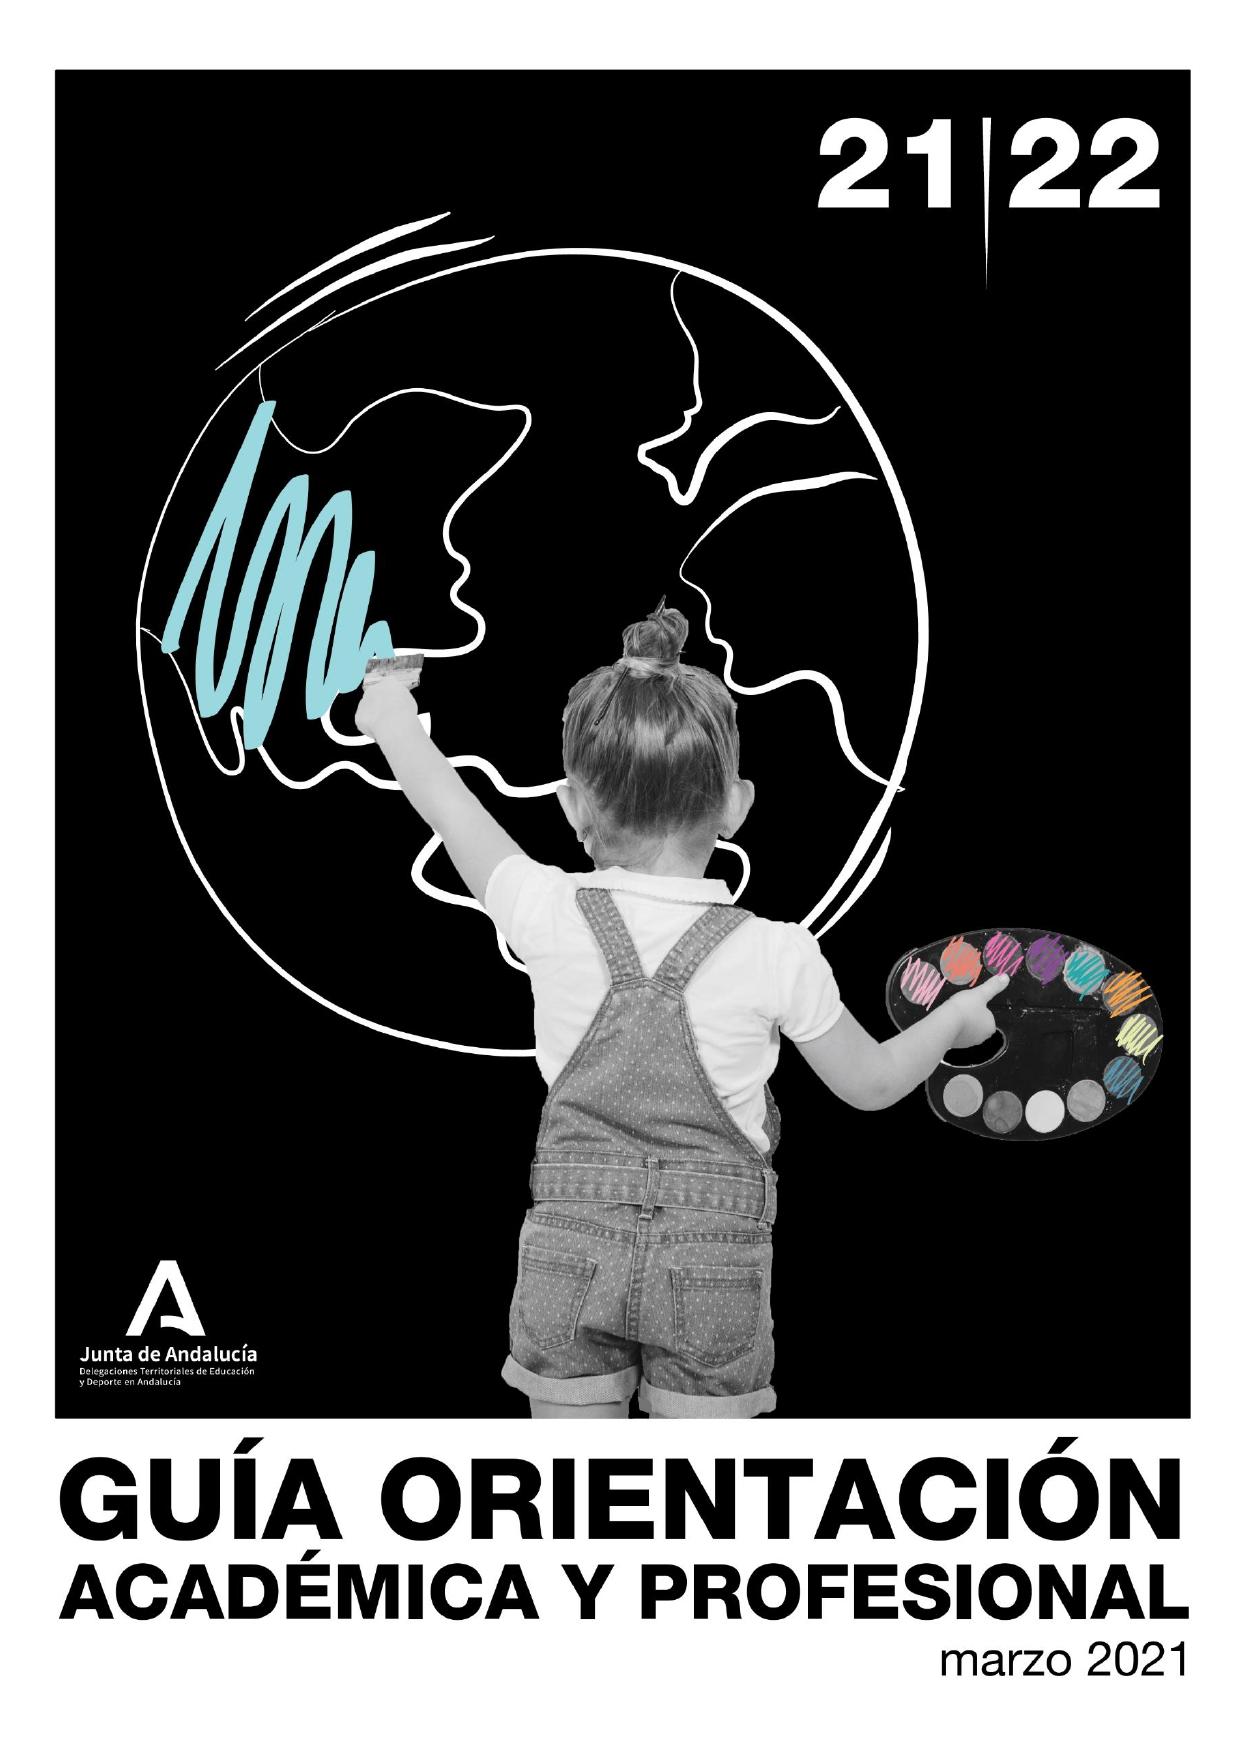 Guía de Orientación Académica y Profesional de Andalucía 2021